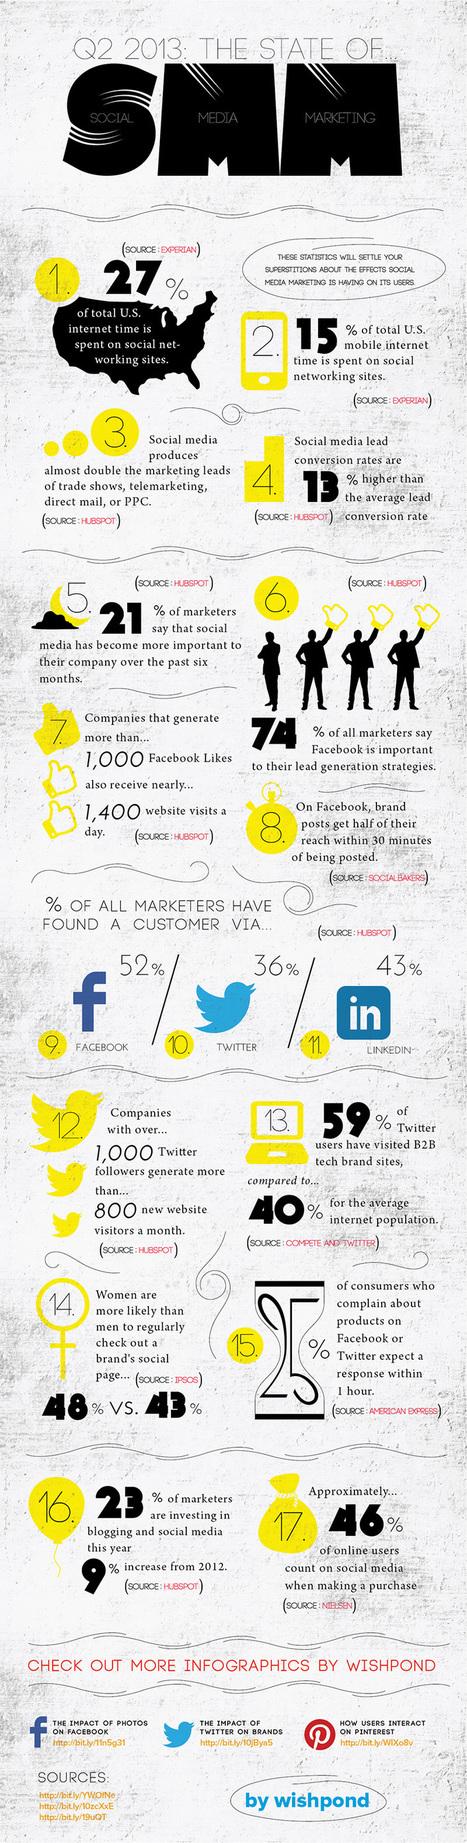 16 chiffres du Marketing des réseaux sociaux qui interpellent | Stratégies Digitales l'Information | Scoop.it